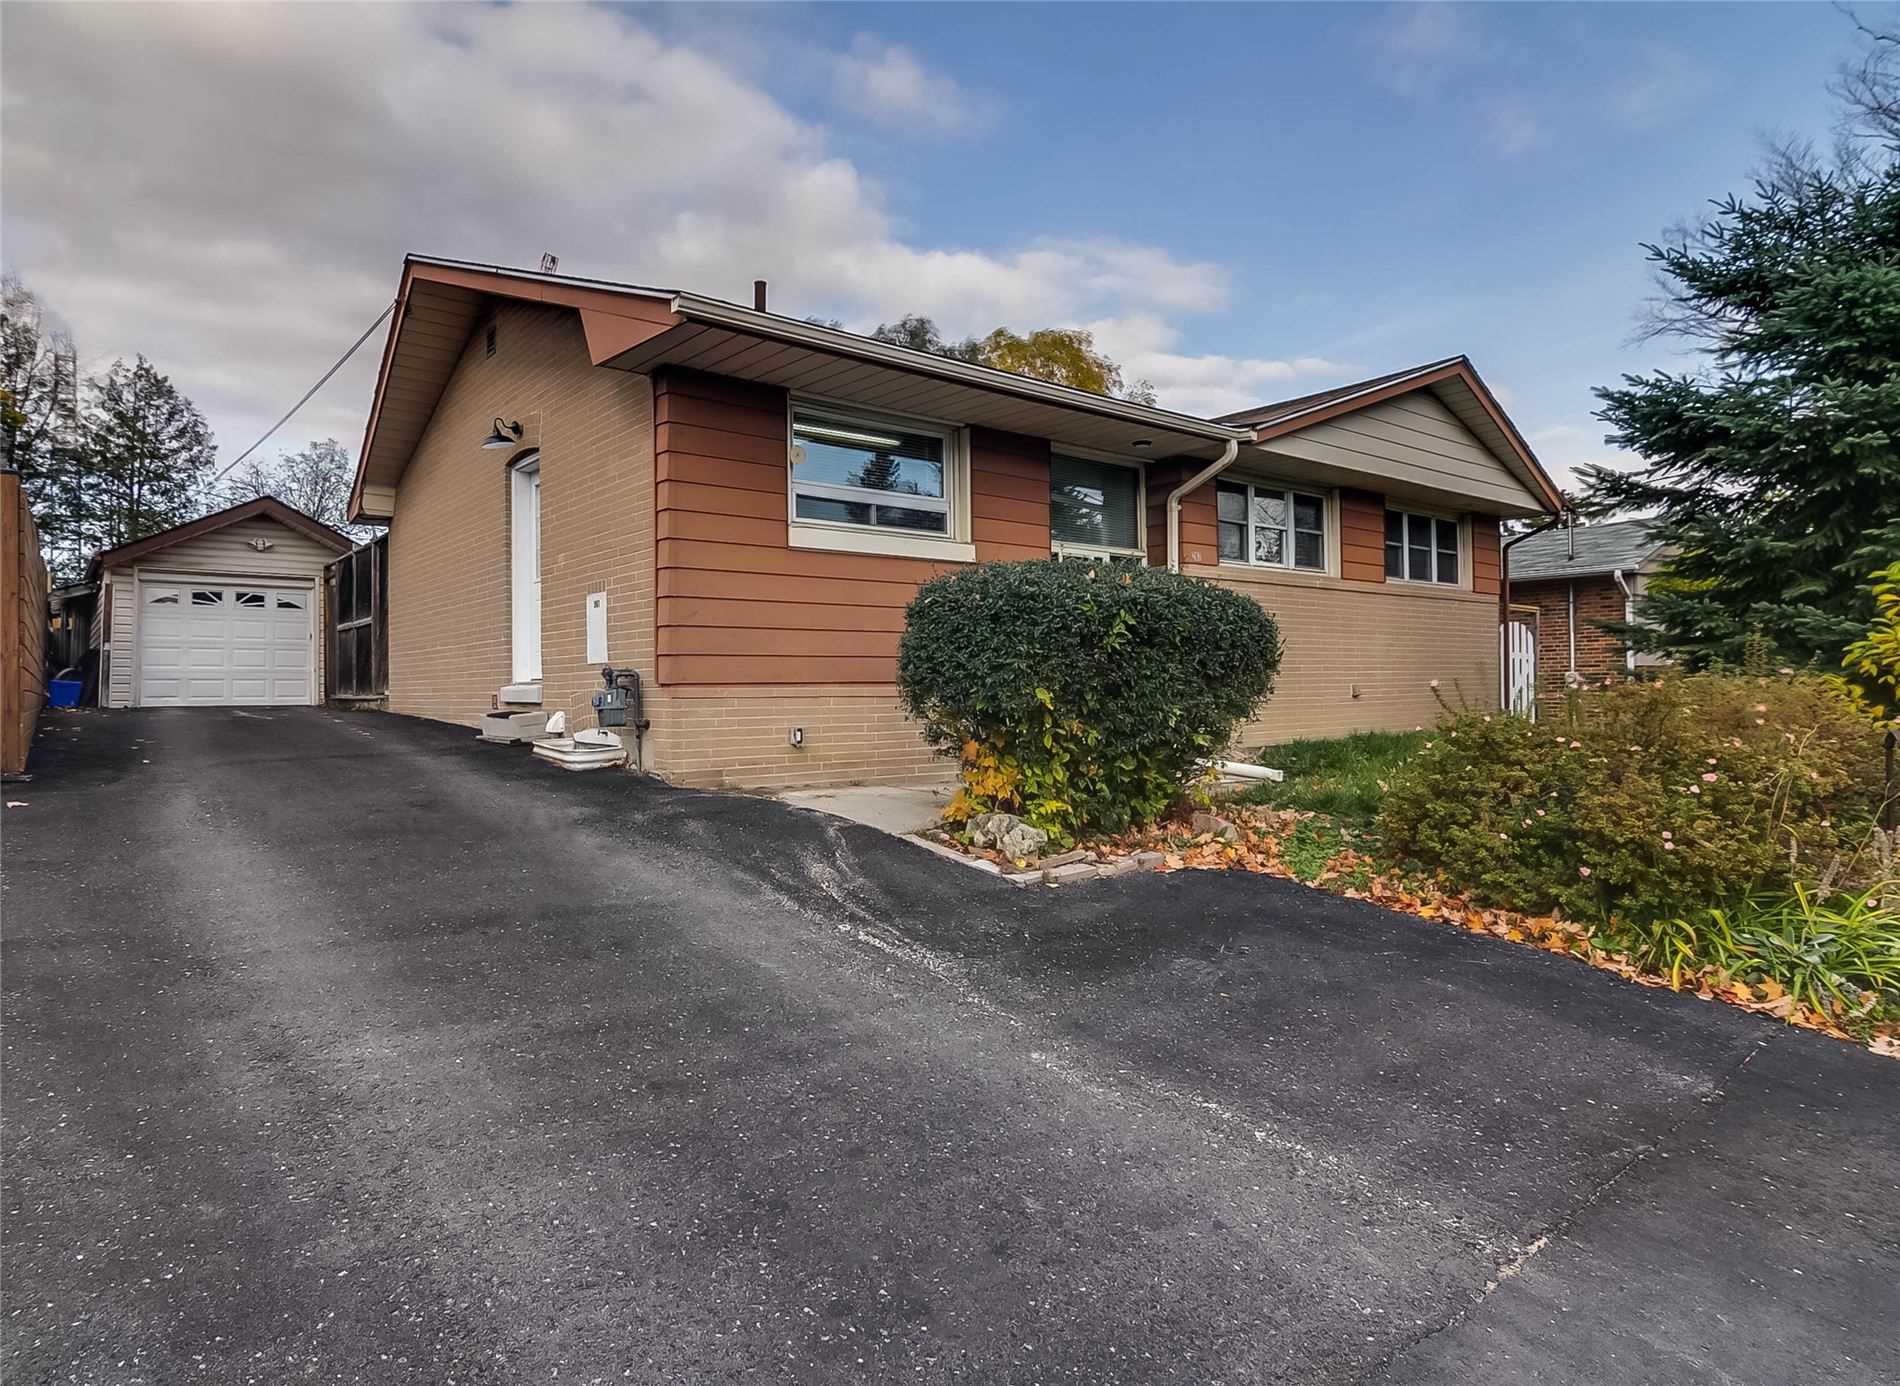 207 Queen St, Newmarket, Ontario L3Y 2G1, 4 Bedrooms Bedrooms, 8 Rooms Rooms,2 BathroomsBathrooms,Detached,For Sale,Queen,N4965553